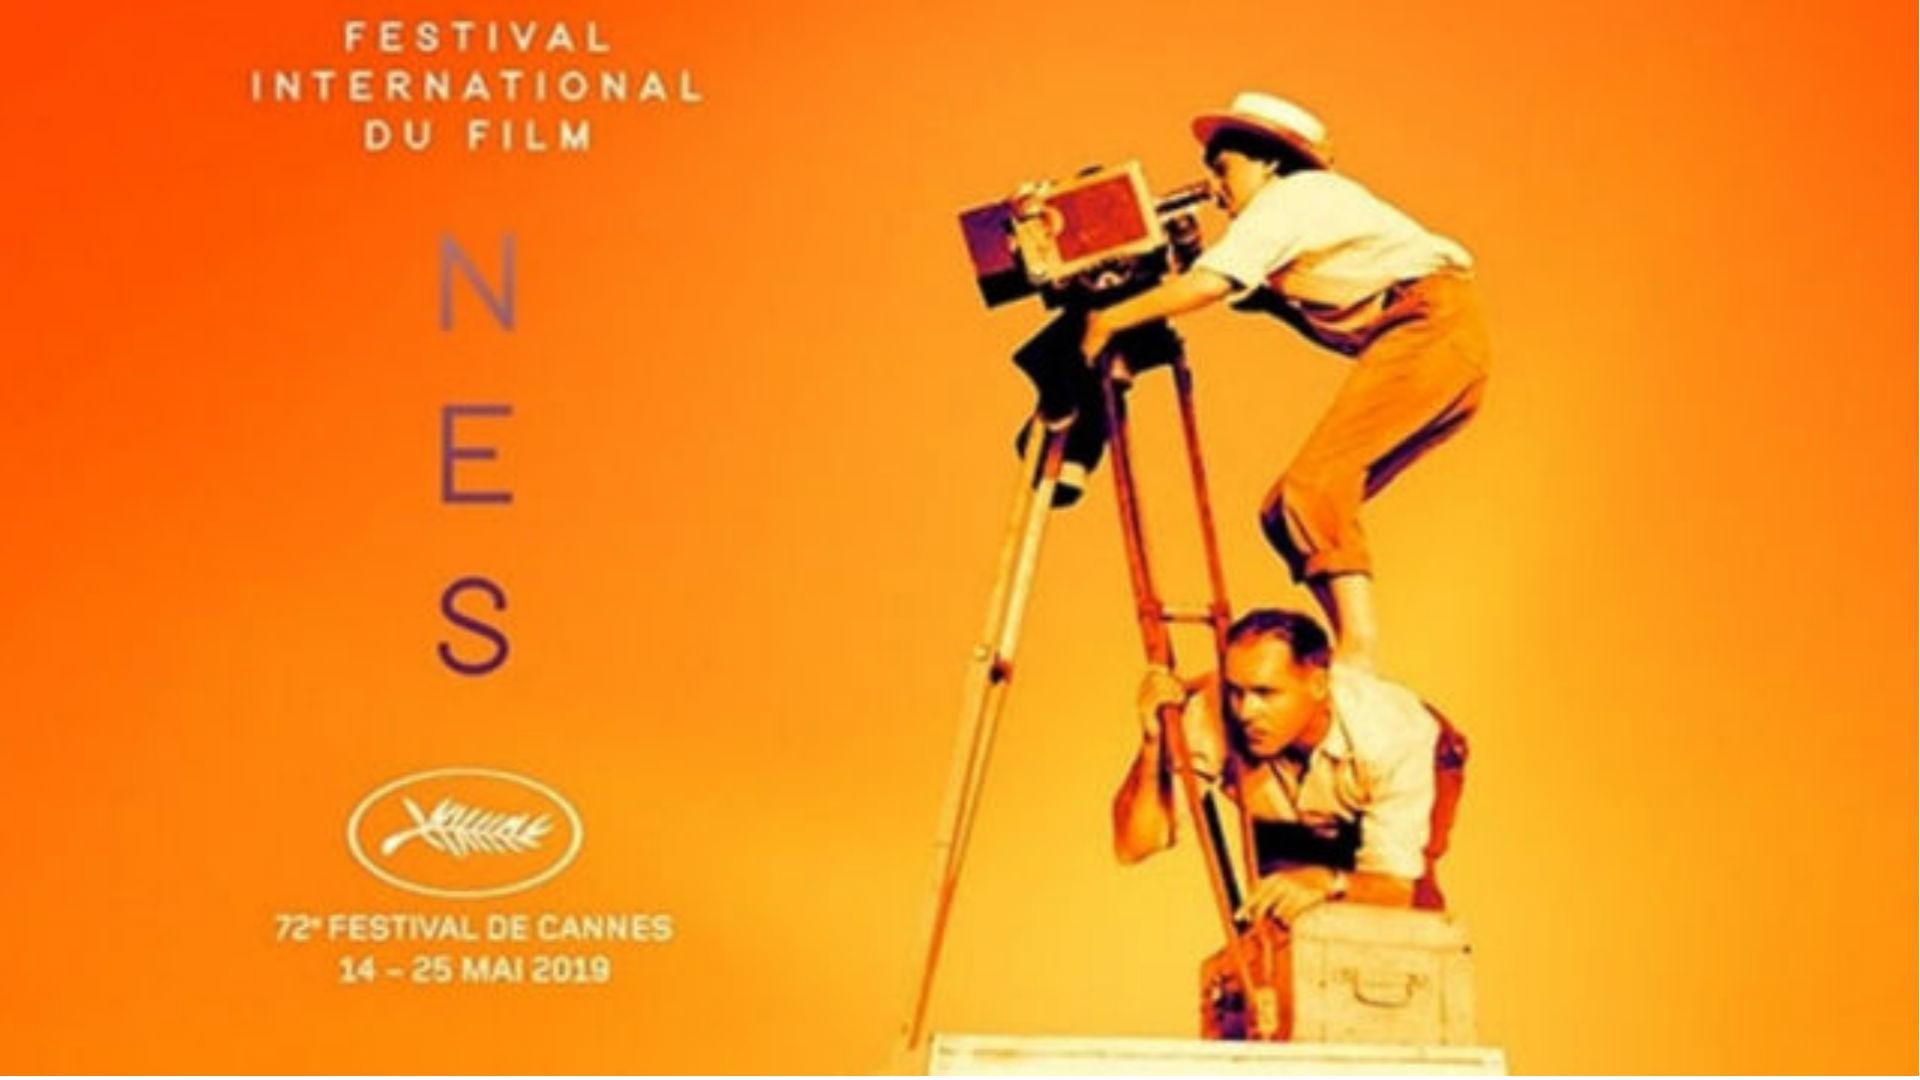 Cannes Film Festival 2019: कान्स फिल्म फेस्टिवल की कब हुई शुरूआत, क्यों है इतना खास, जानिए हर बात